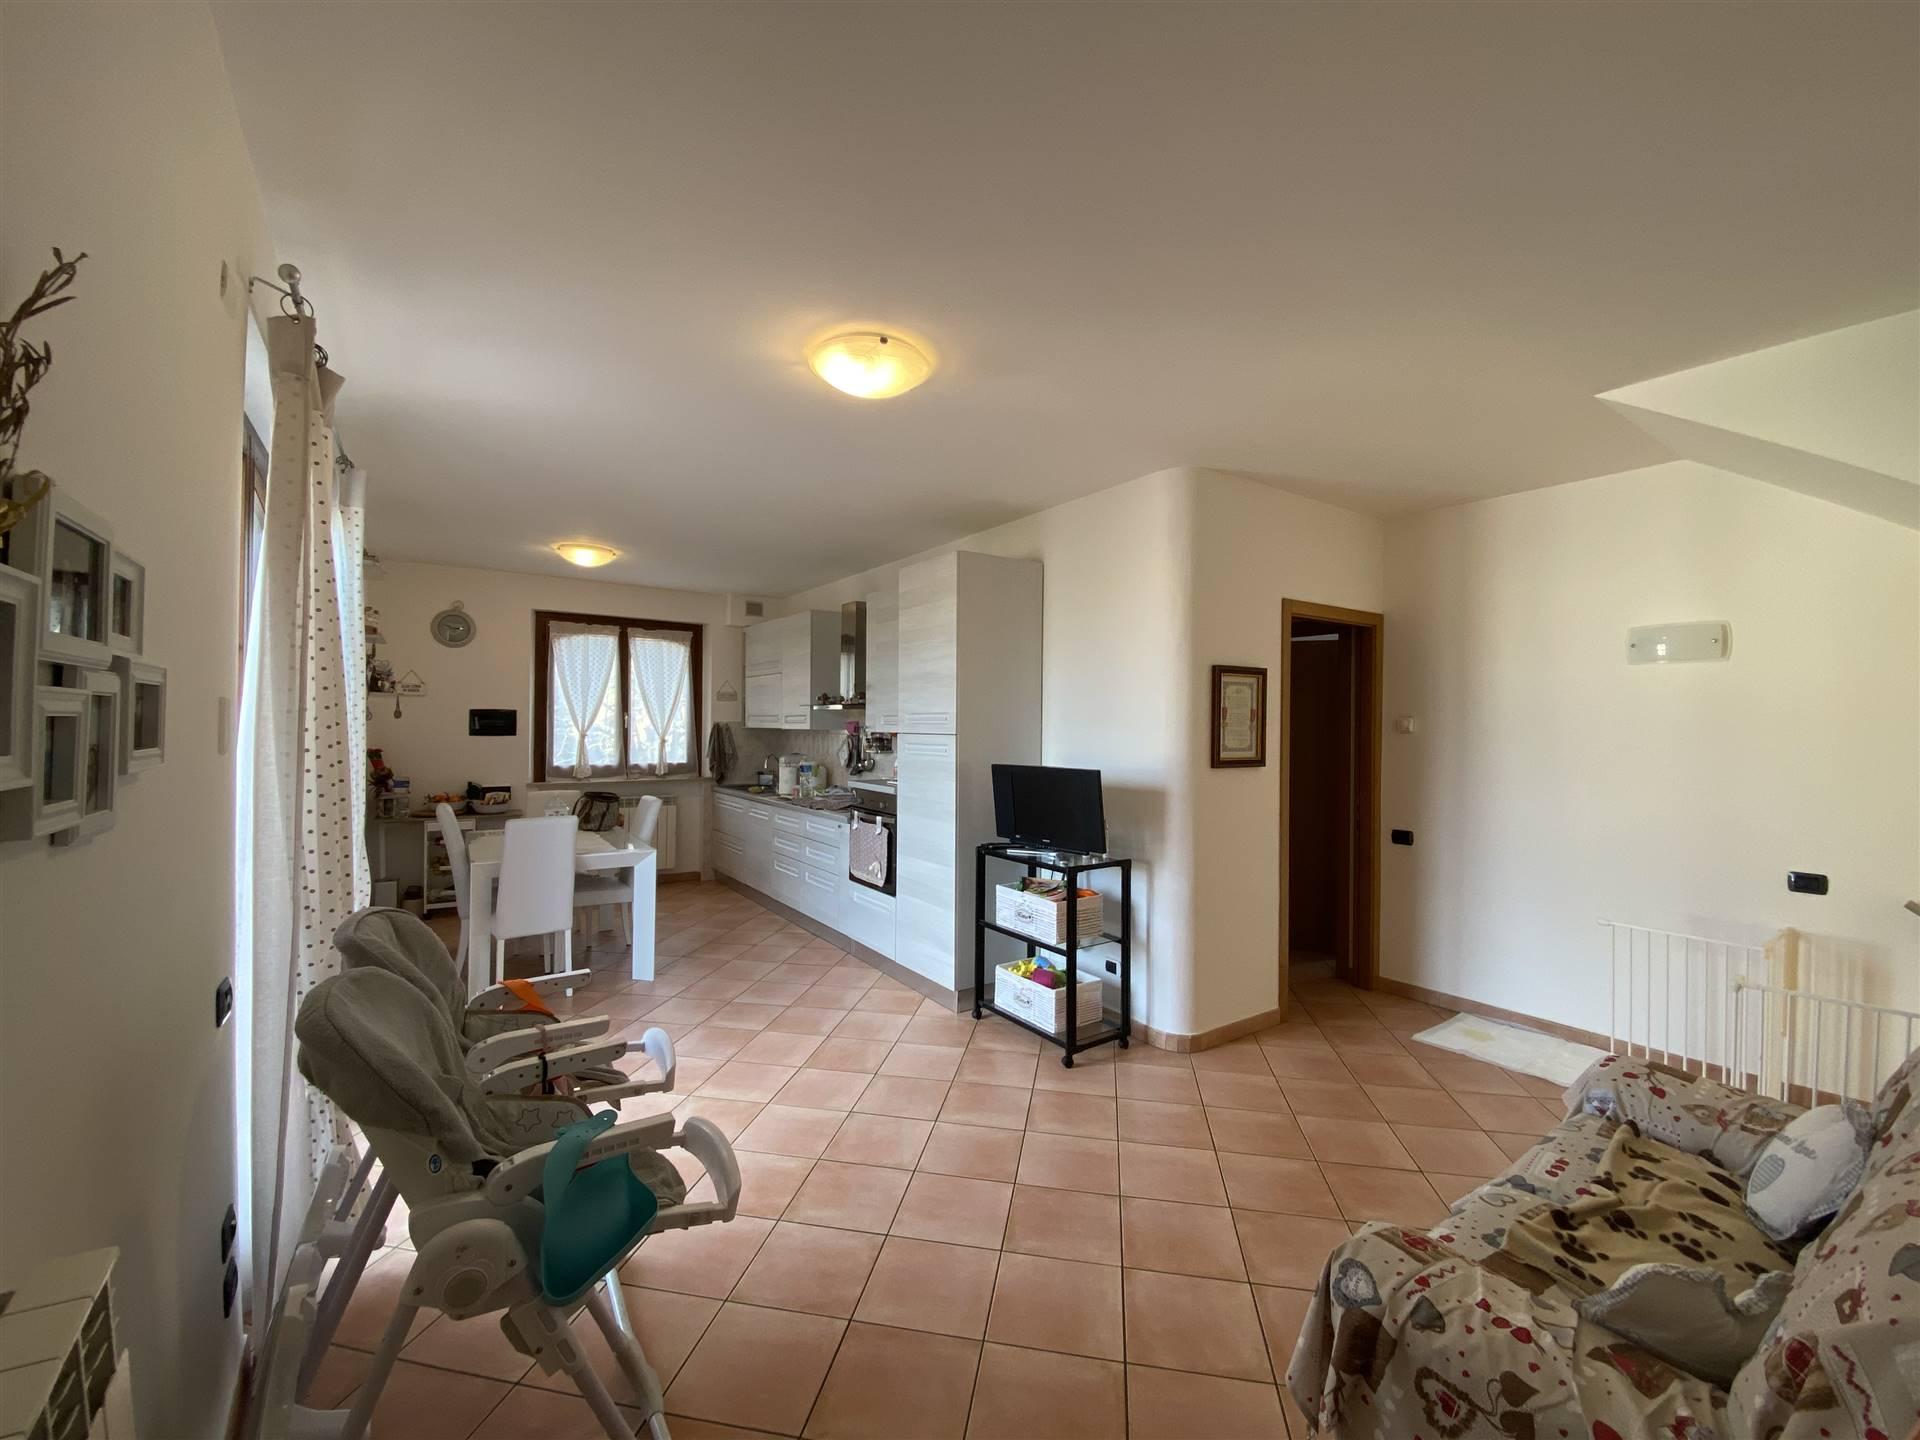 Appartamento in vendita a Gambassi Terme, 4 locali, zona a a Cerreto, prezzo € 198.000   PortaleAgenzieImmobiliari.it